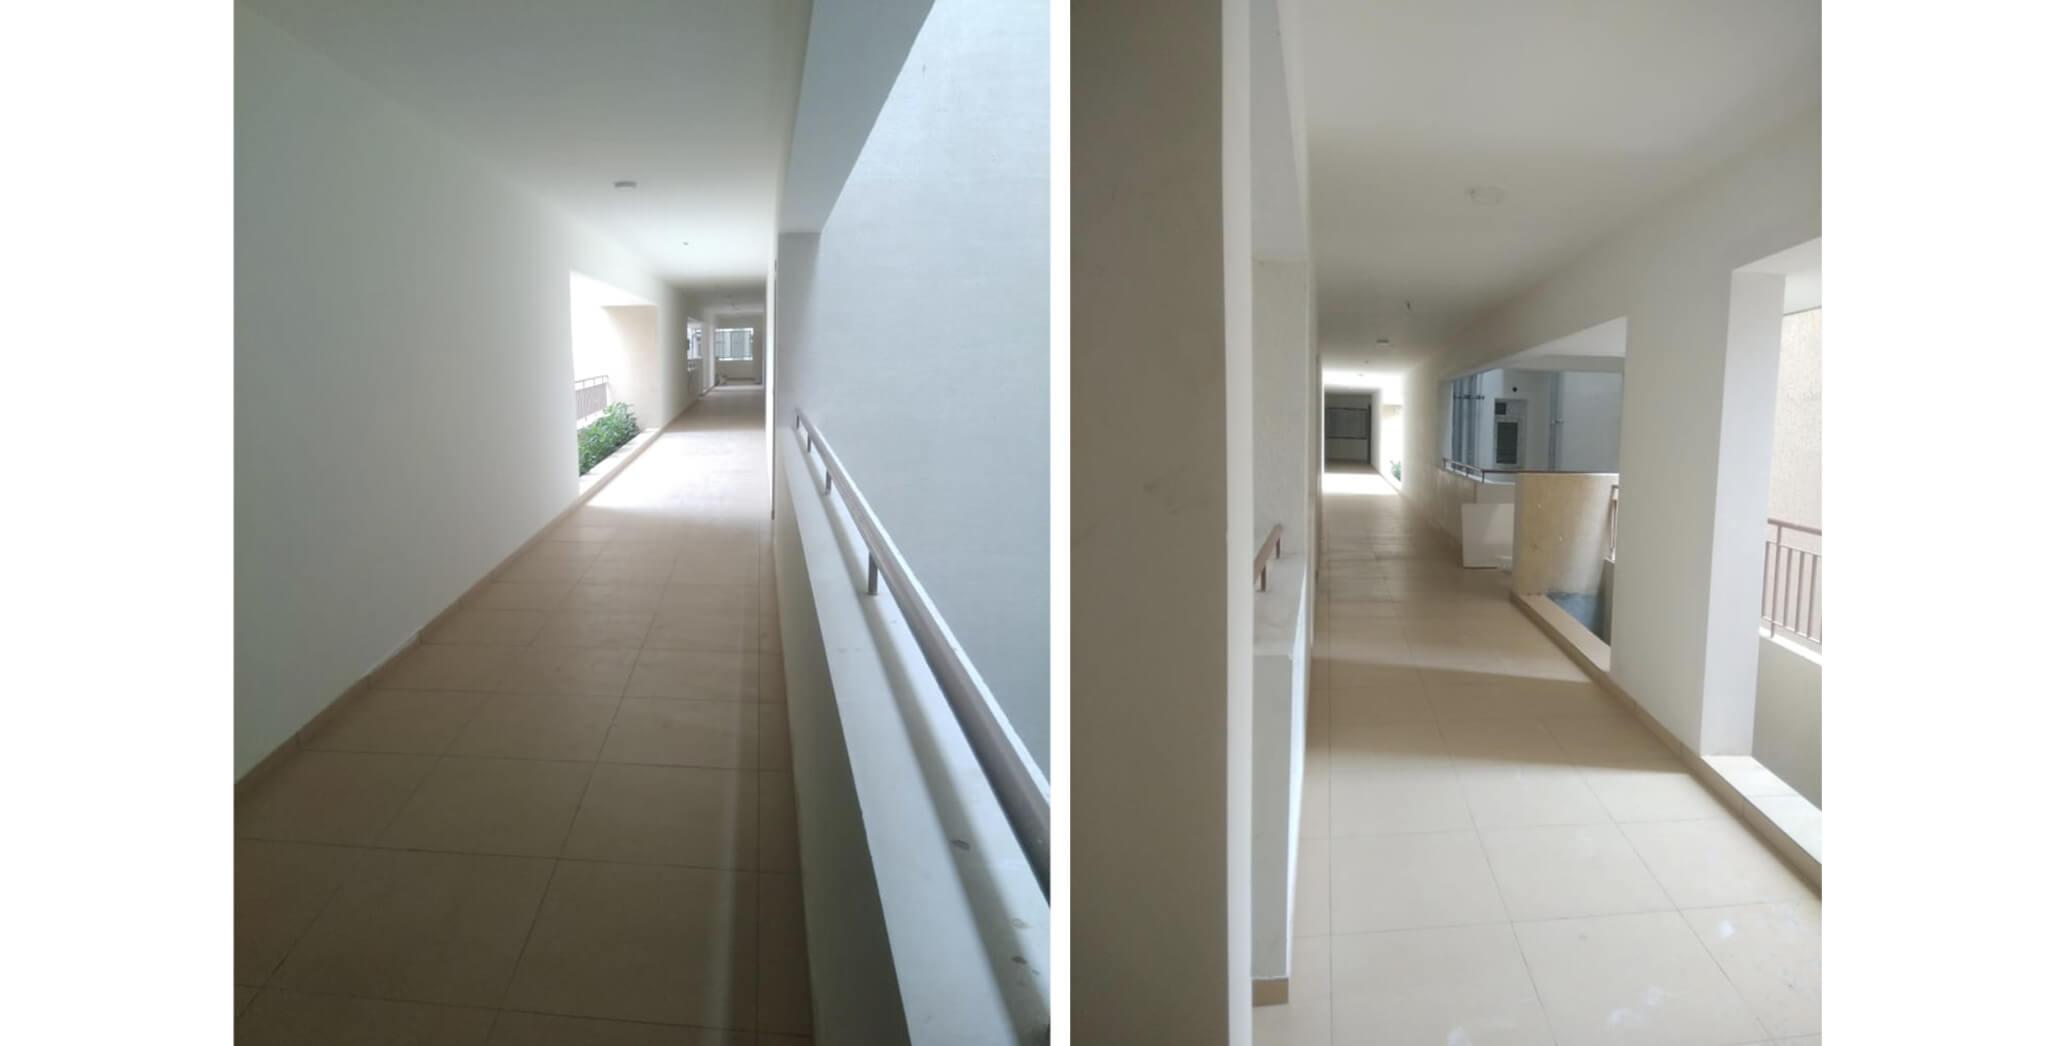 Nov 2019 - Deodar—E block: Corridor–Final coat of paint work-in-progress